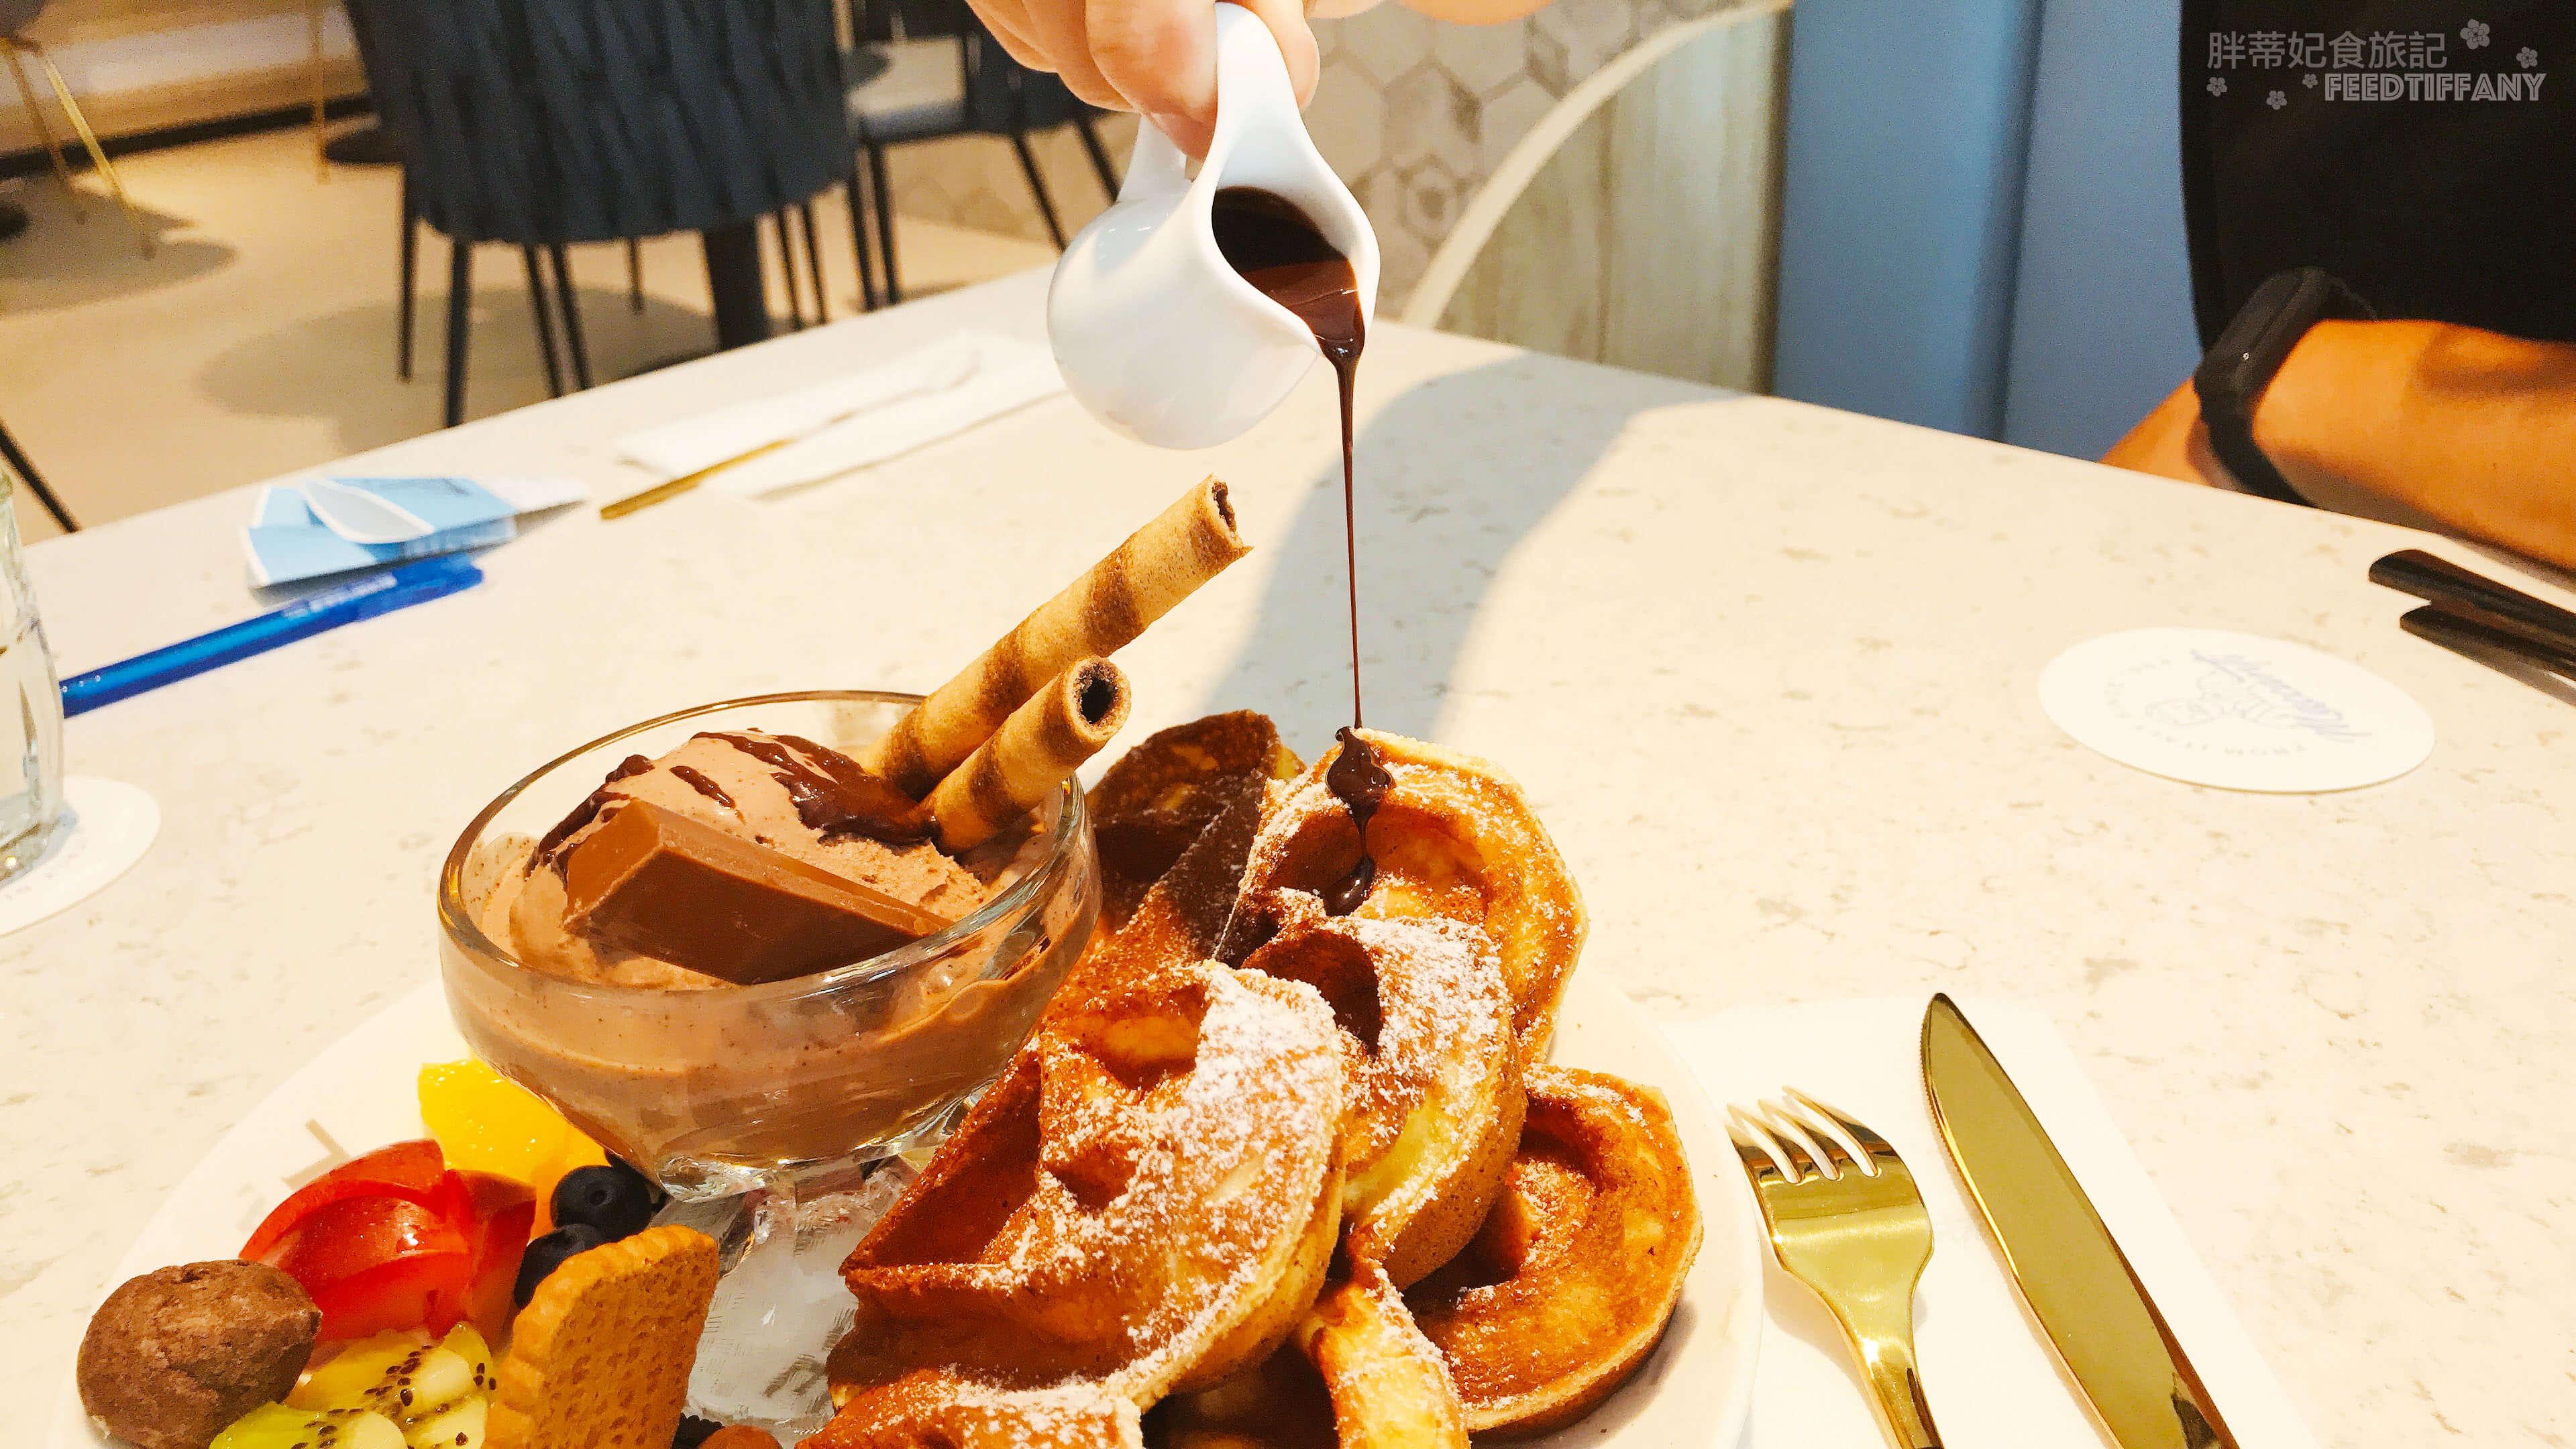 Maccanti馬卡諦義大利冰淇淋 巧克力淋醬淋在鬆餅的畫面